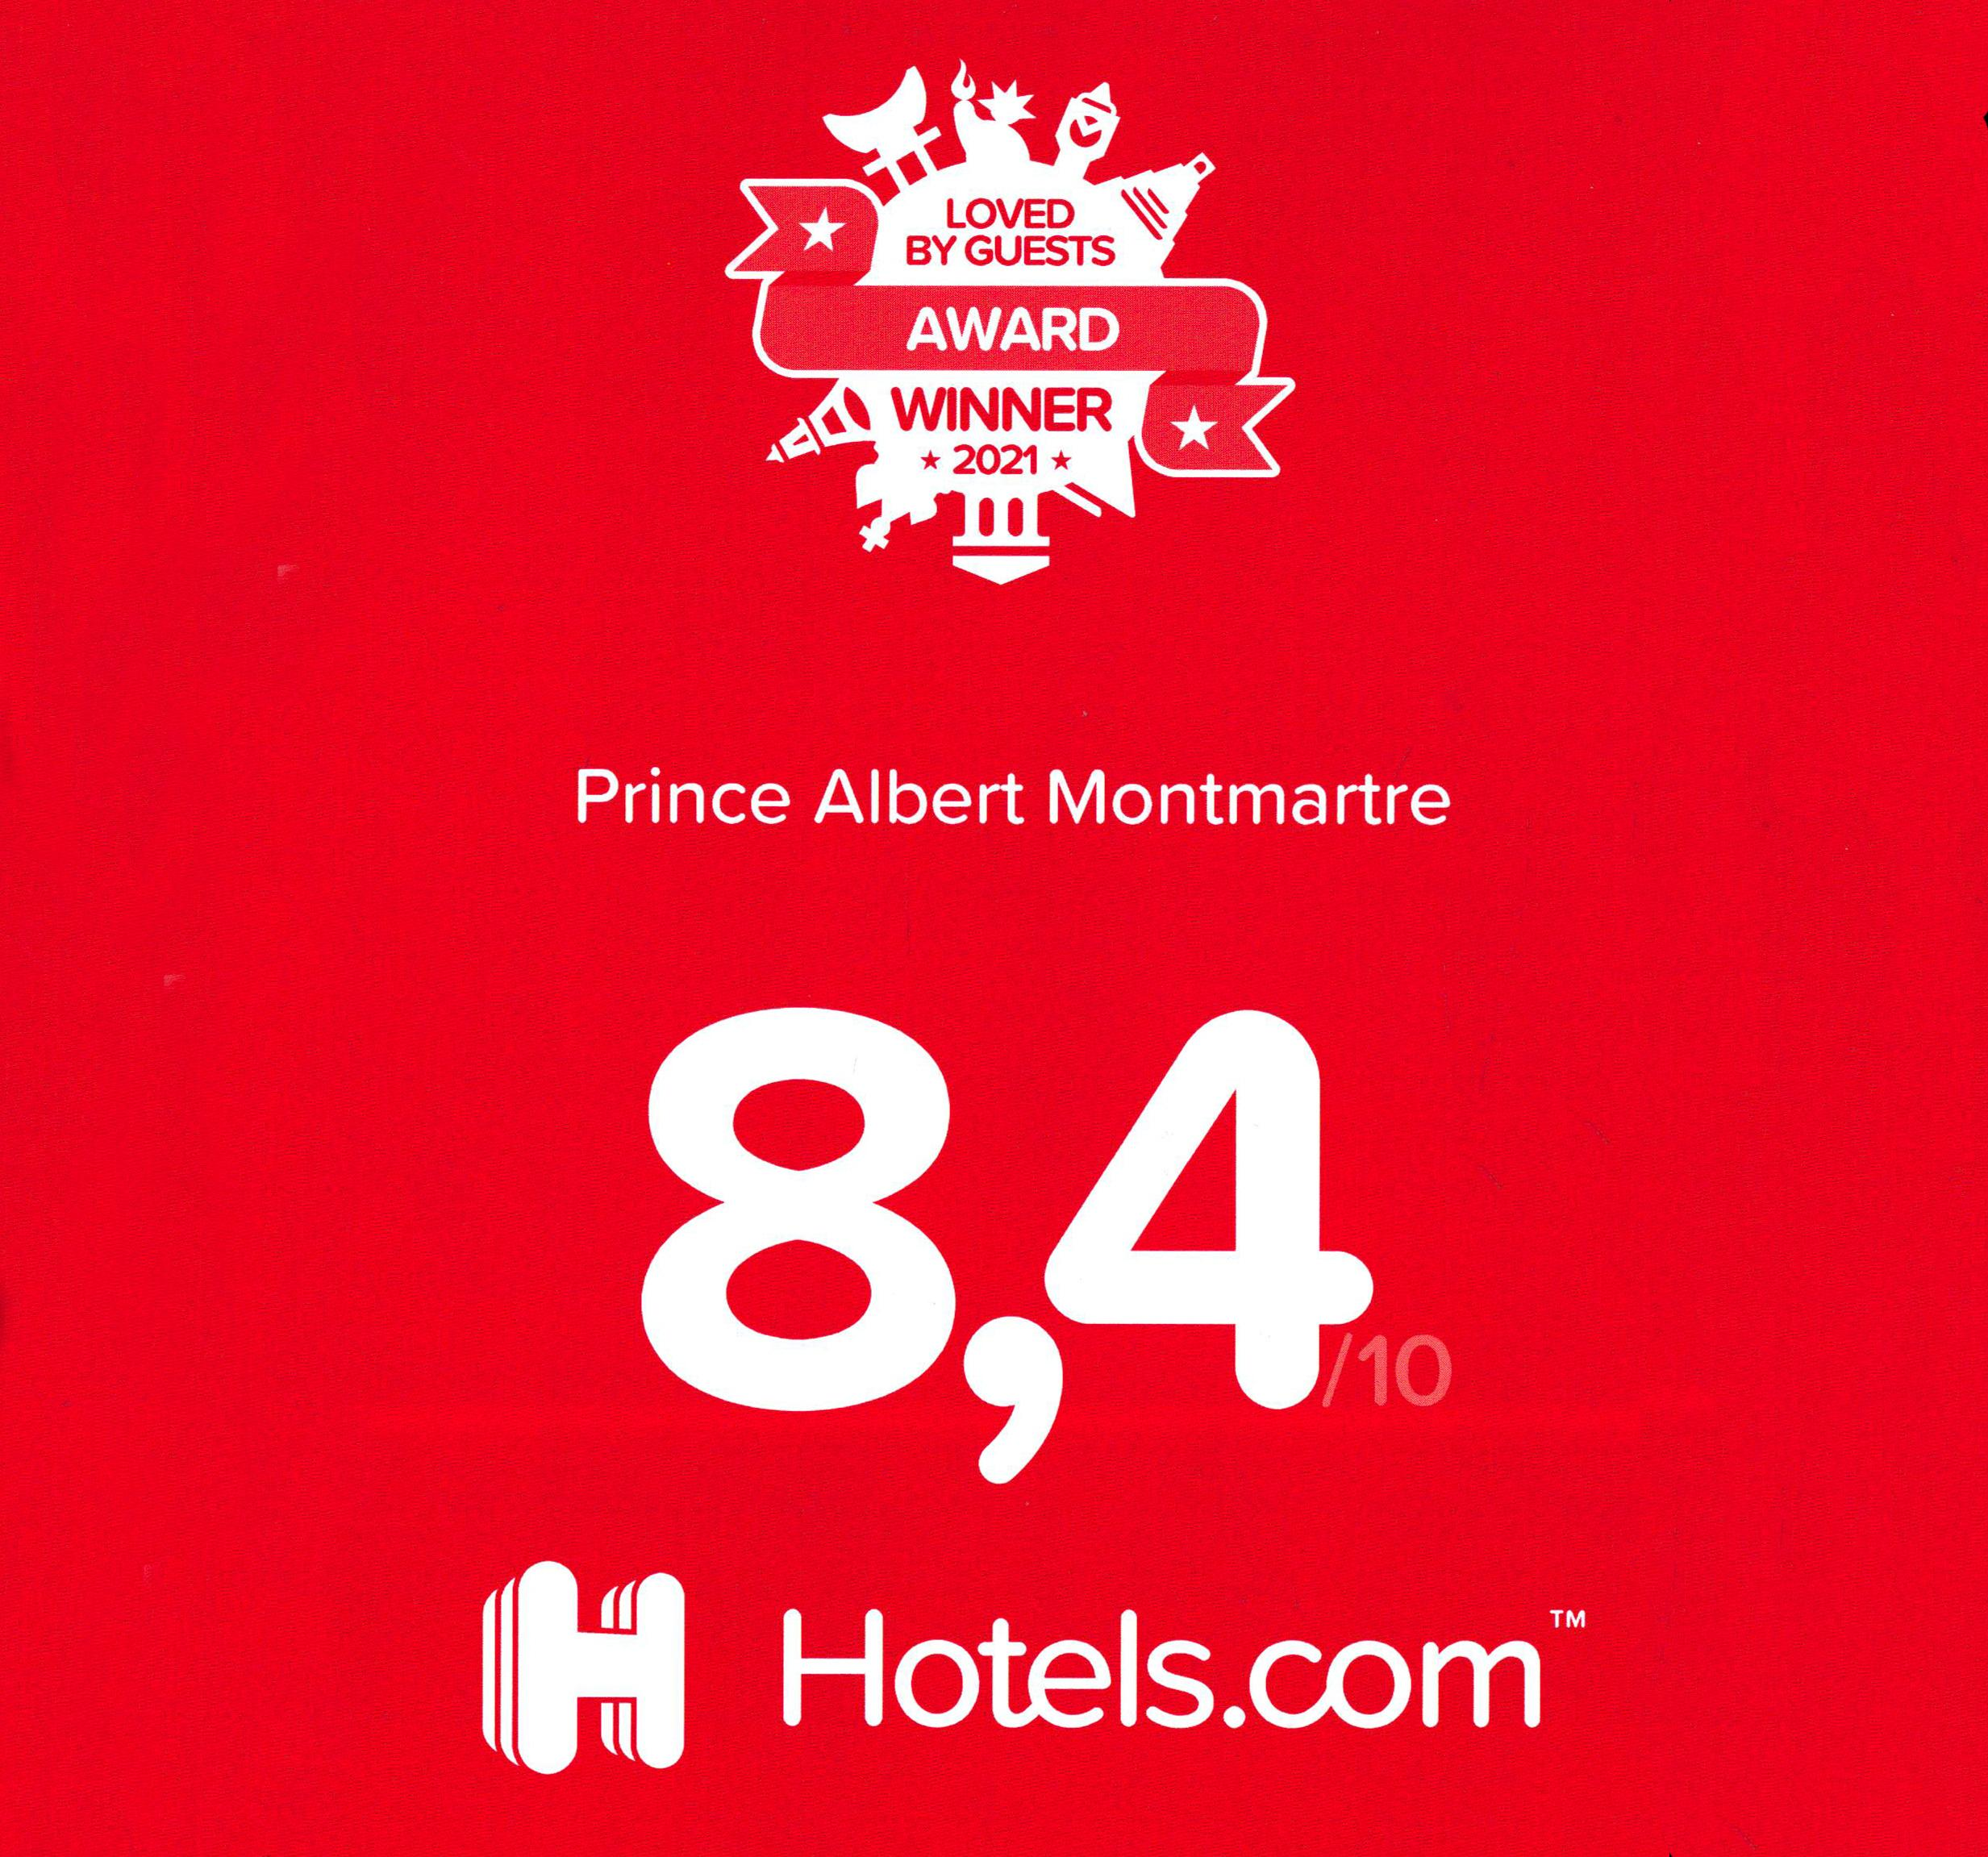 Award Winner Hotels.com